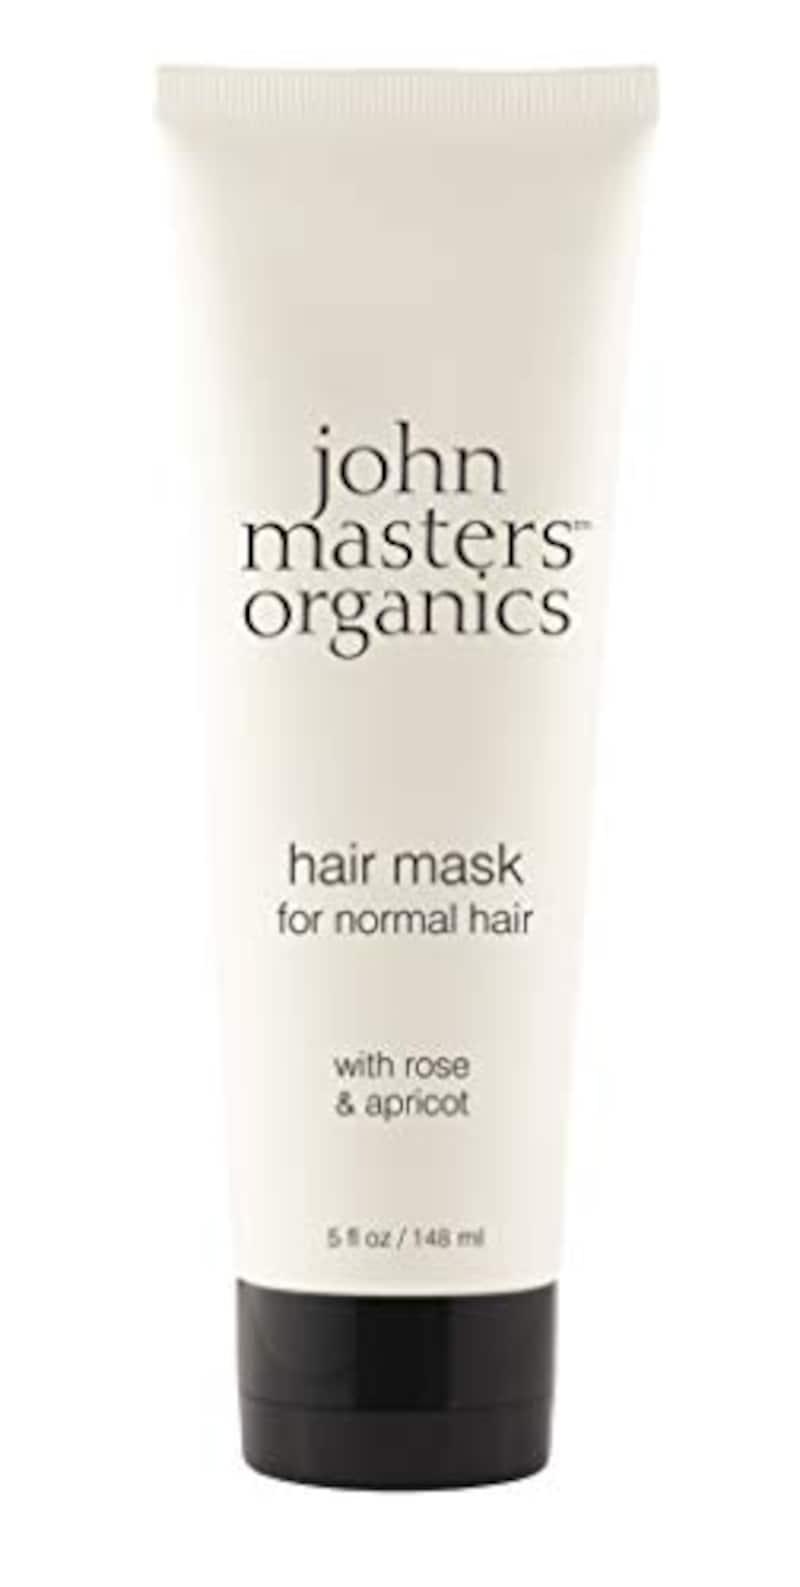 ジョンマスターオーガニック(john masters organics),R&Aヘアマスク